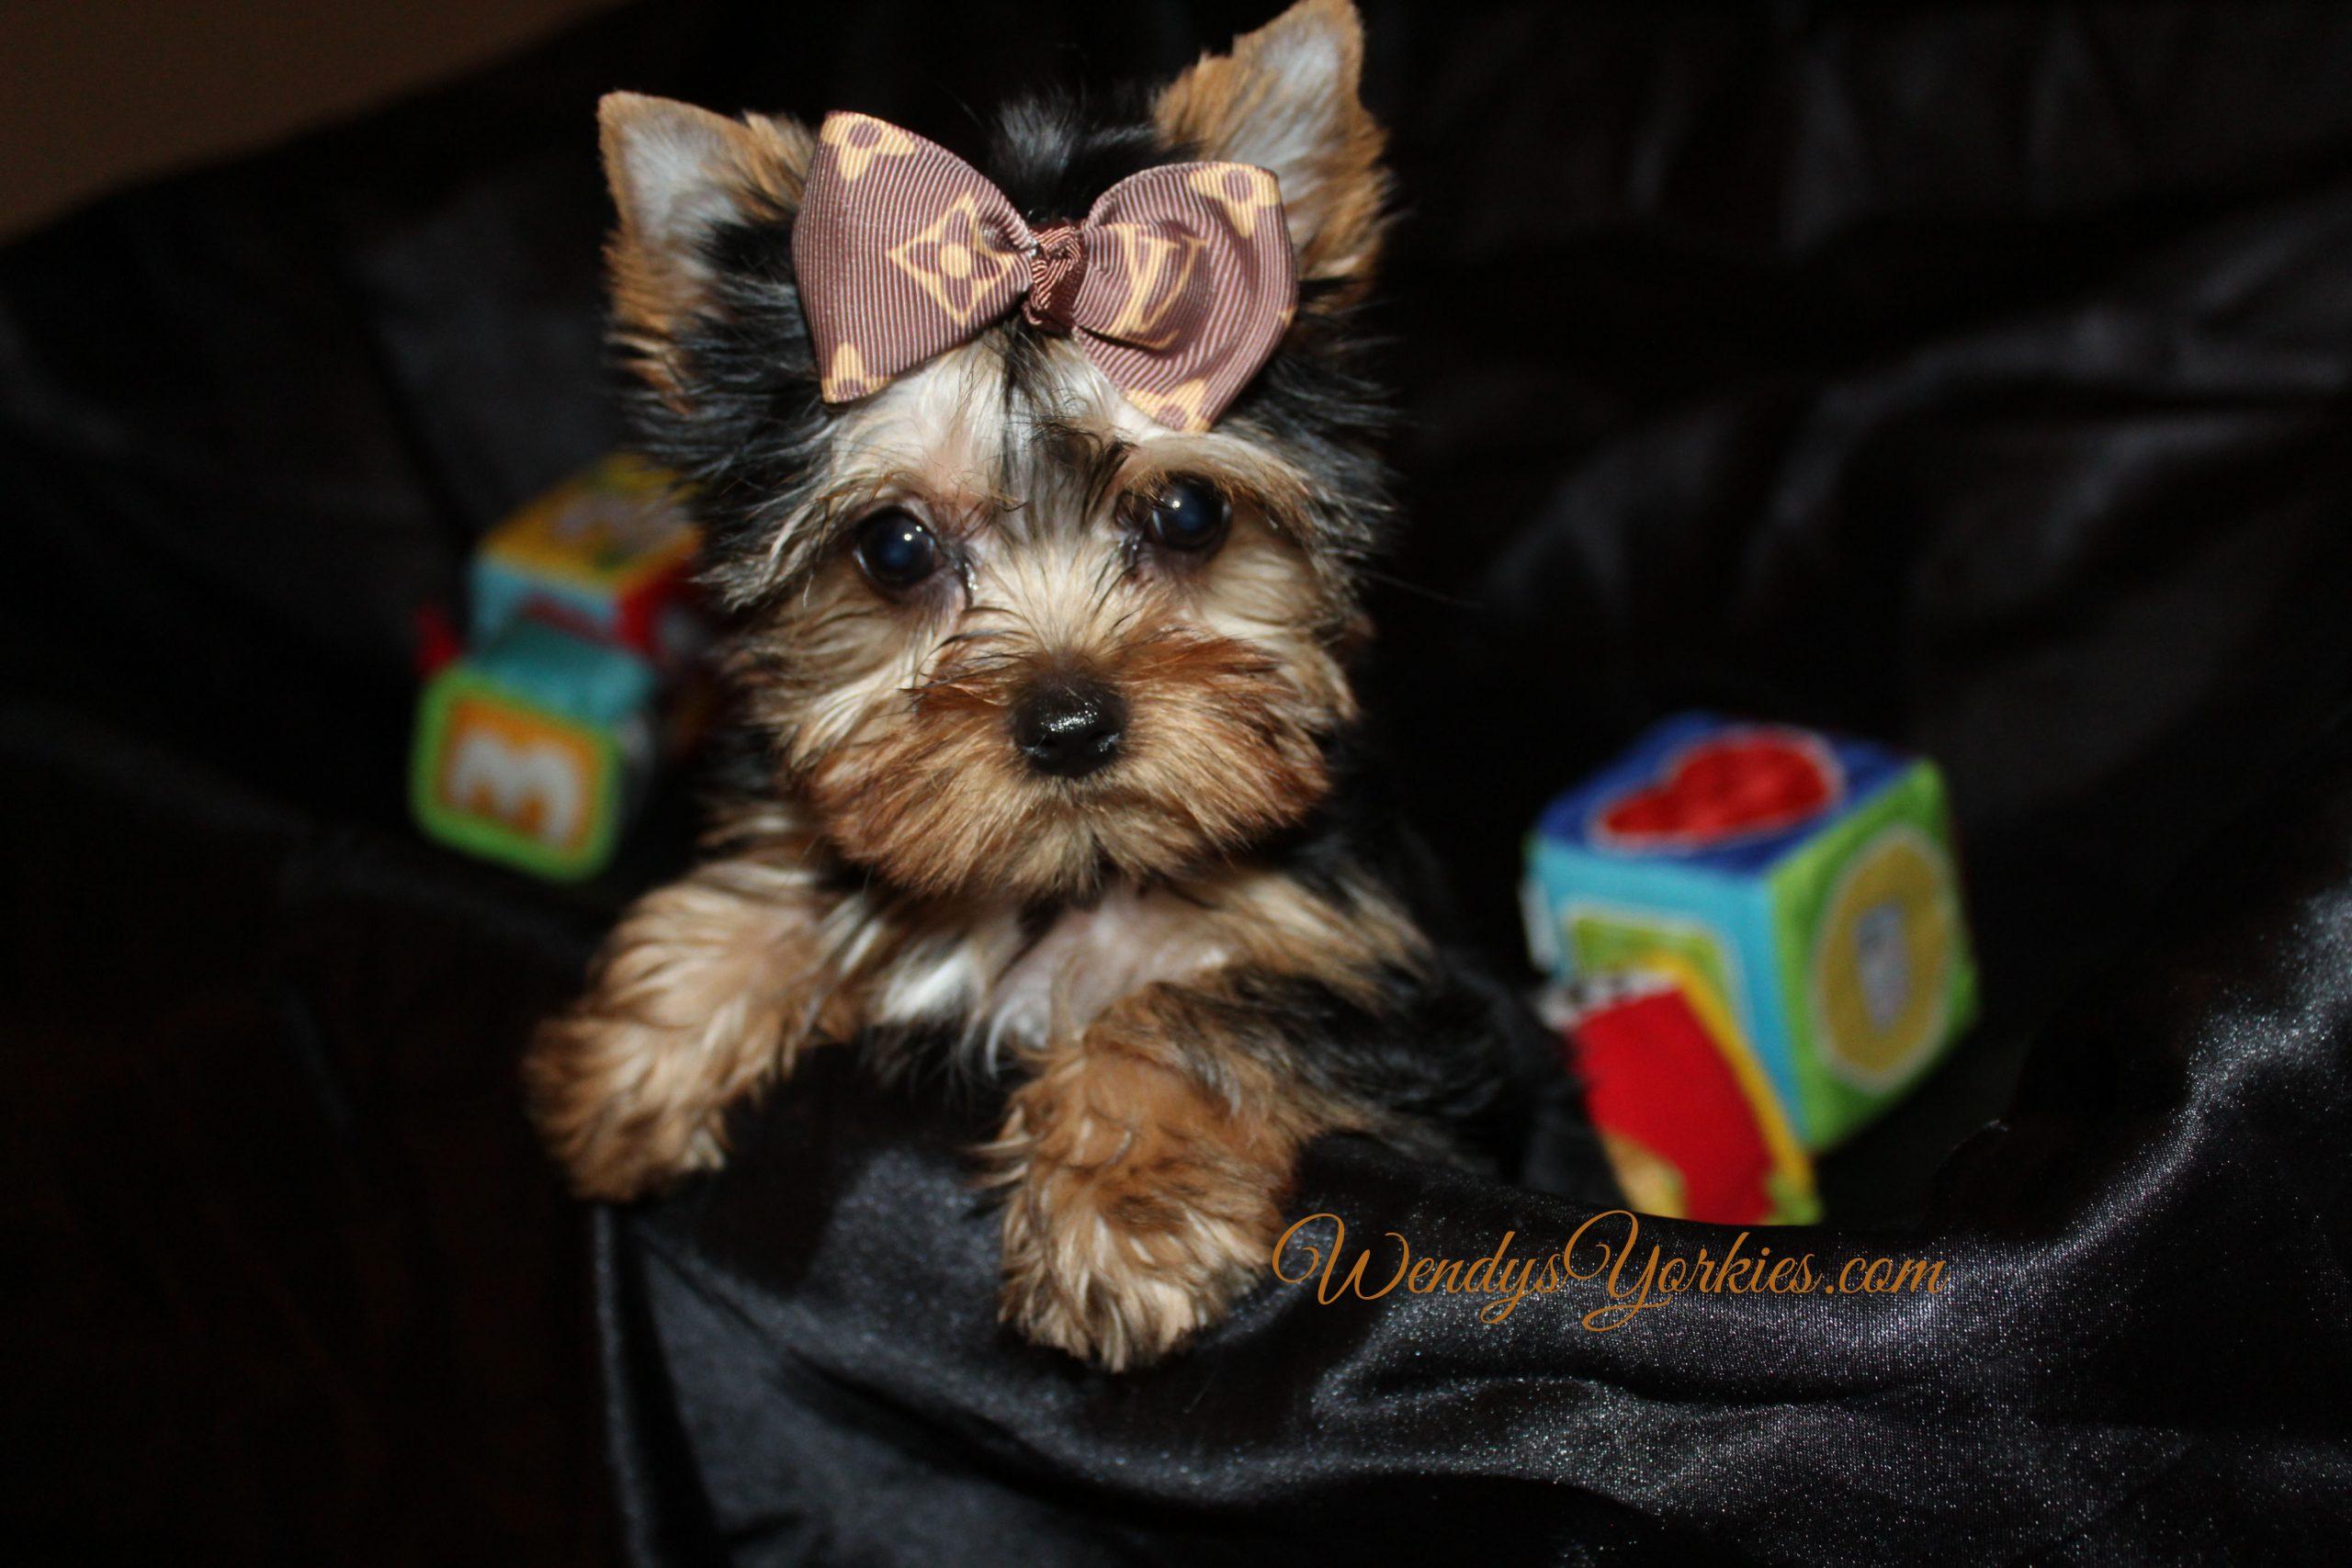 Tiny Yorkie puppy for sale, Teddy Bear, WendysYorkies.com